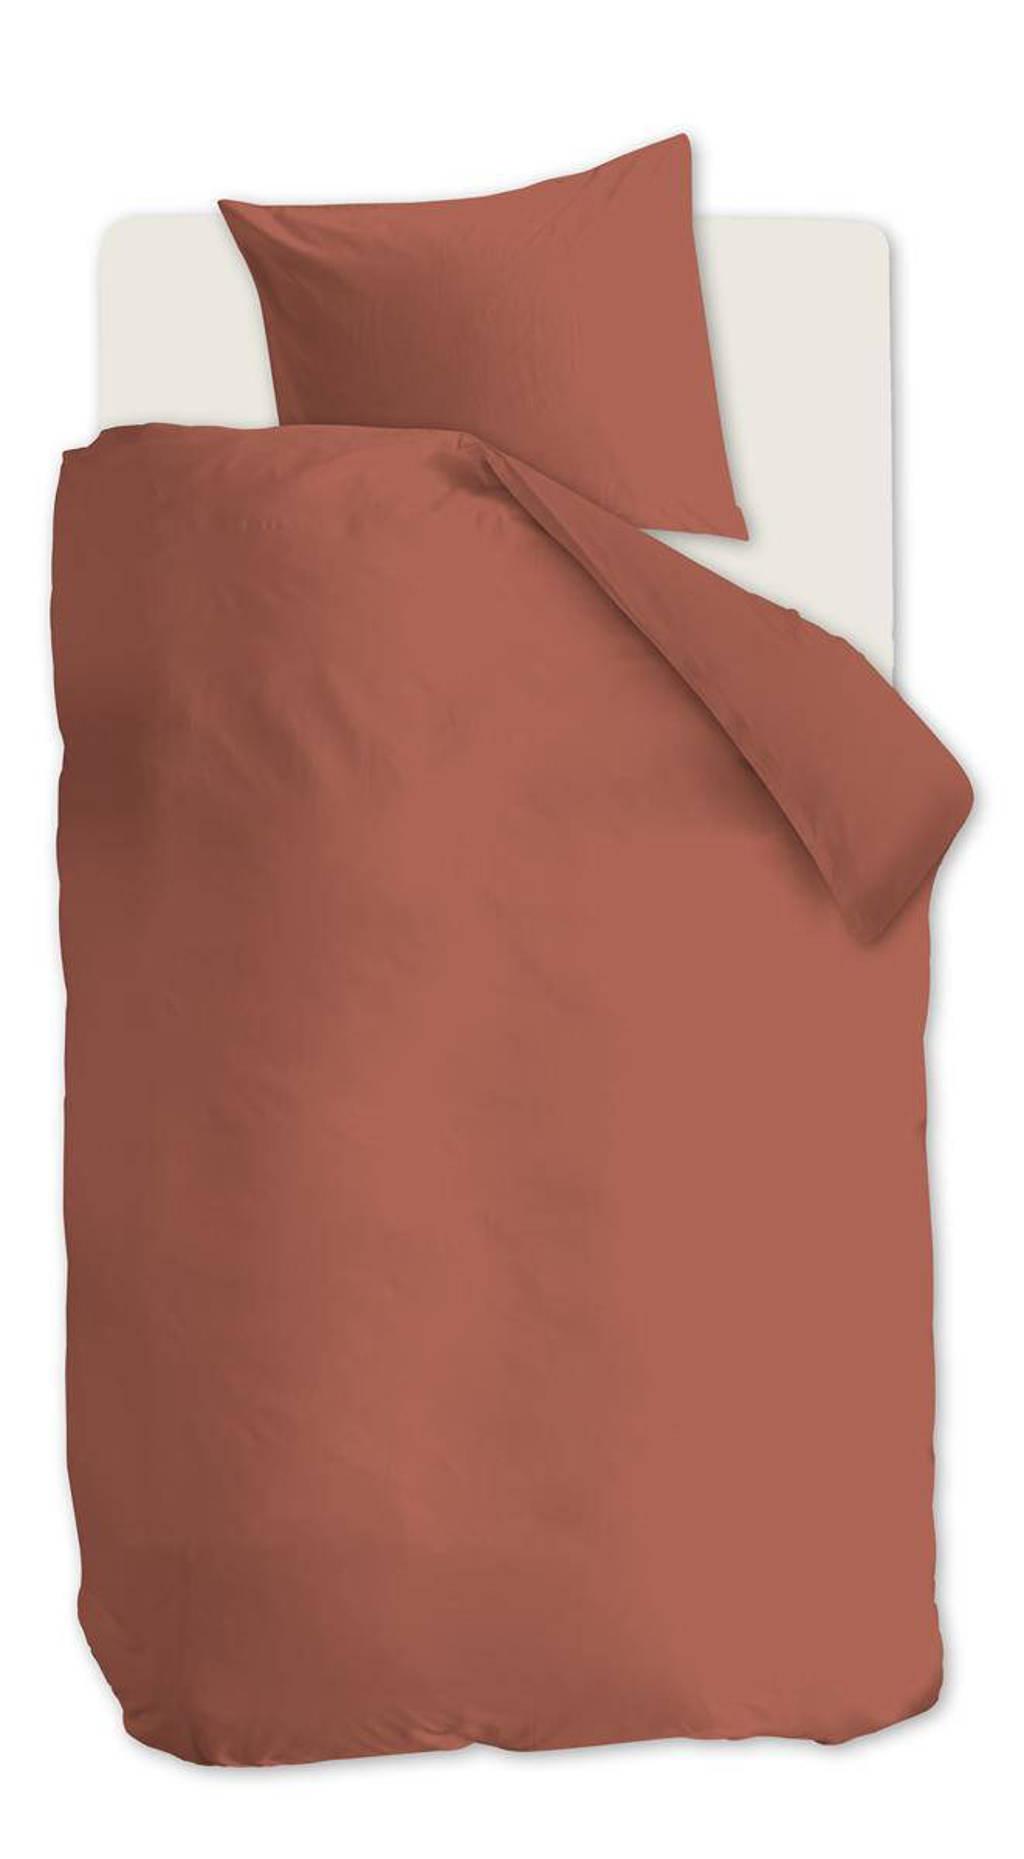 Beddinghouse Katoen (biologisch) dekbedovertrek 1 persoons, 1 persoons (140 cm breed), Rood